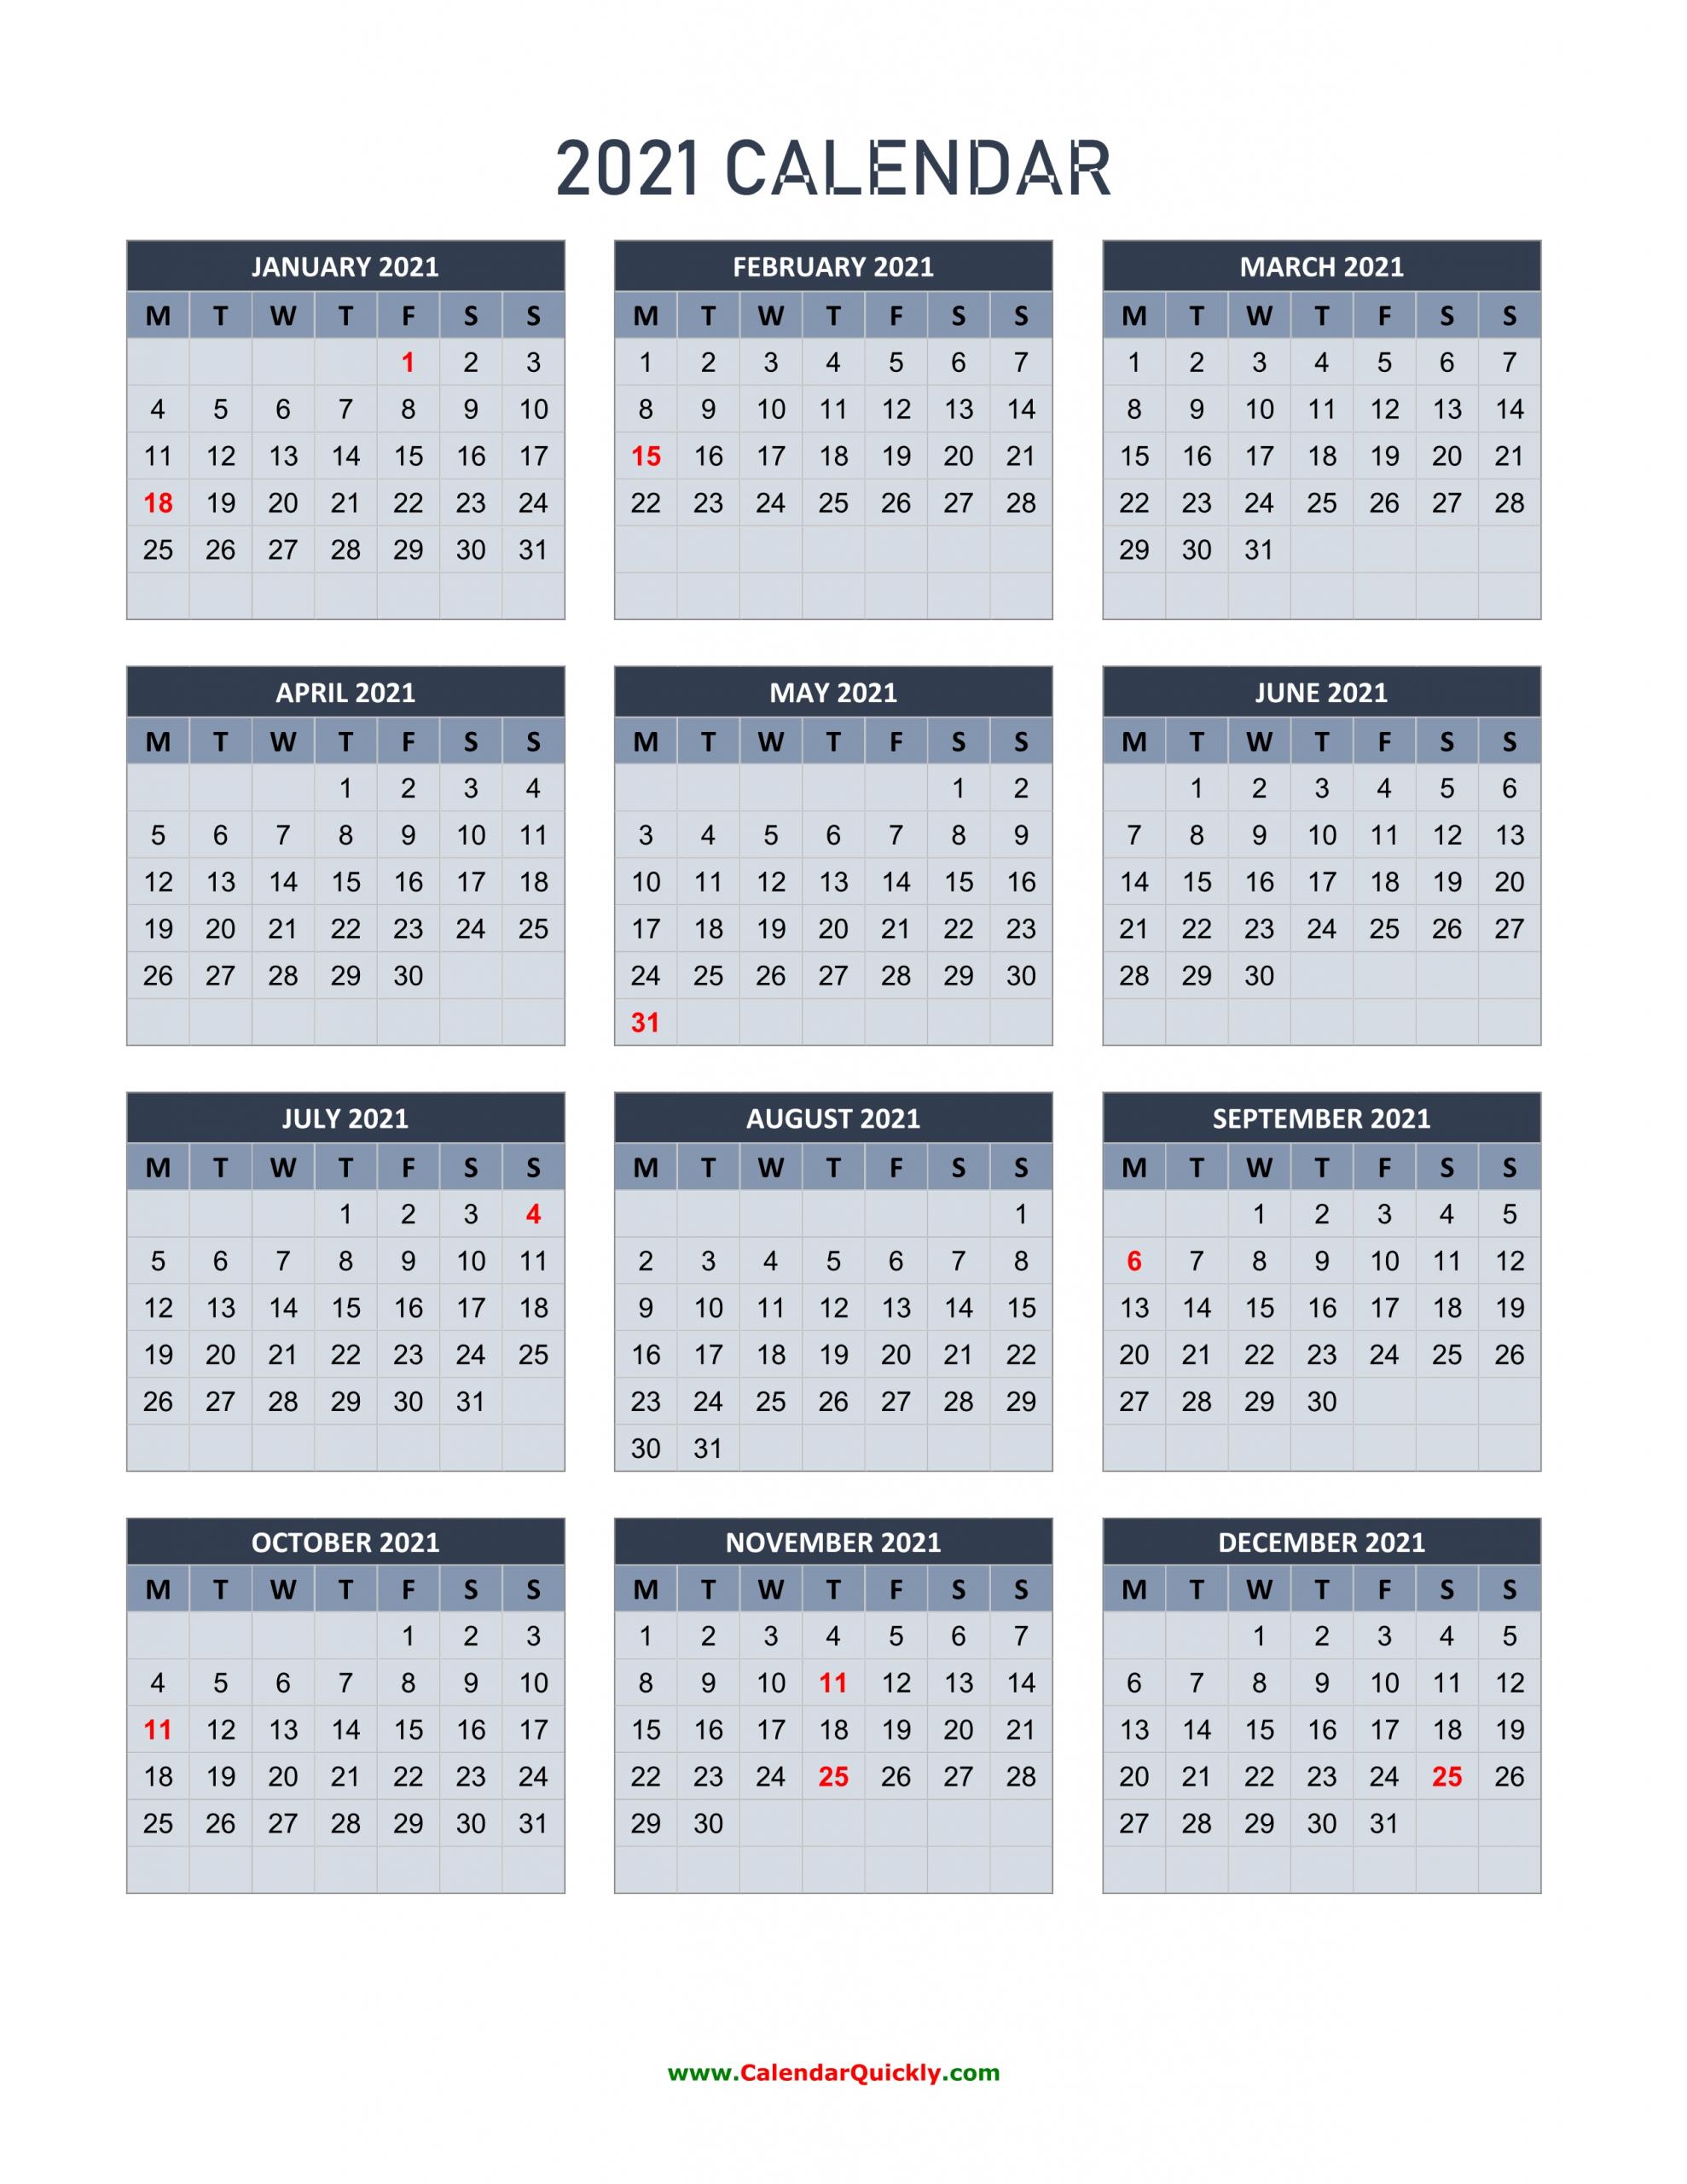 Monday 2021 Calendar Vertical | Calendar Quickly